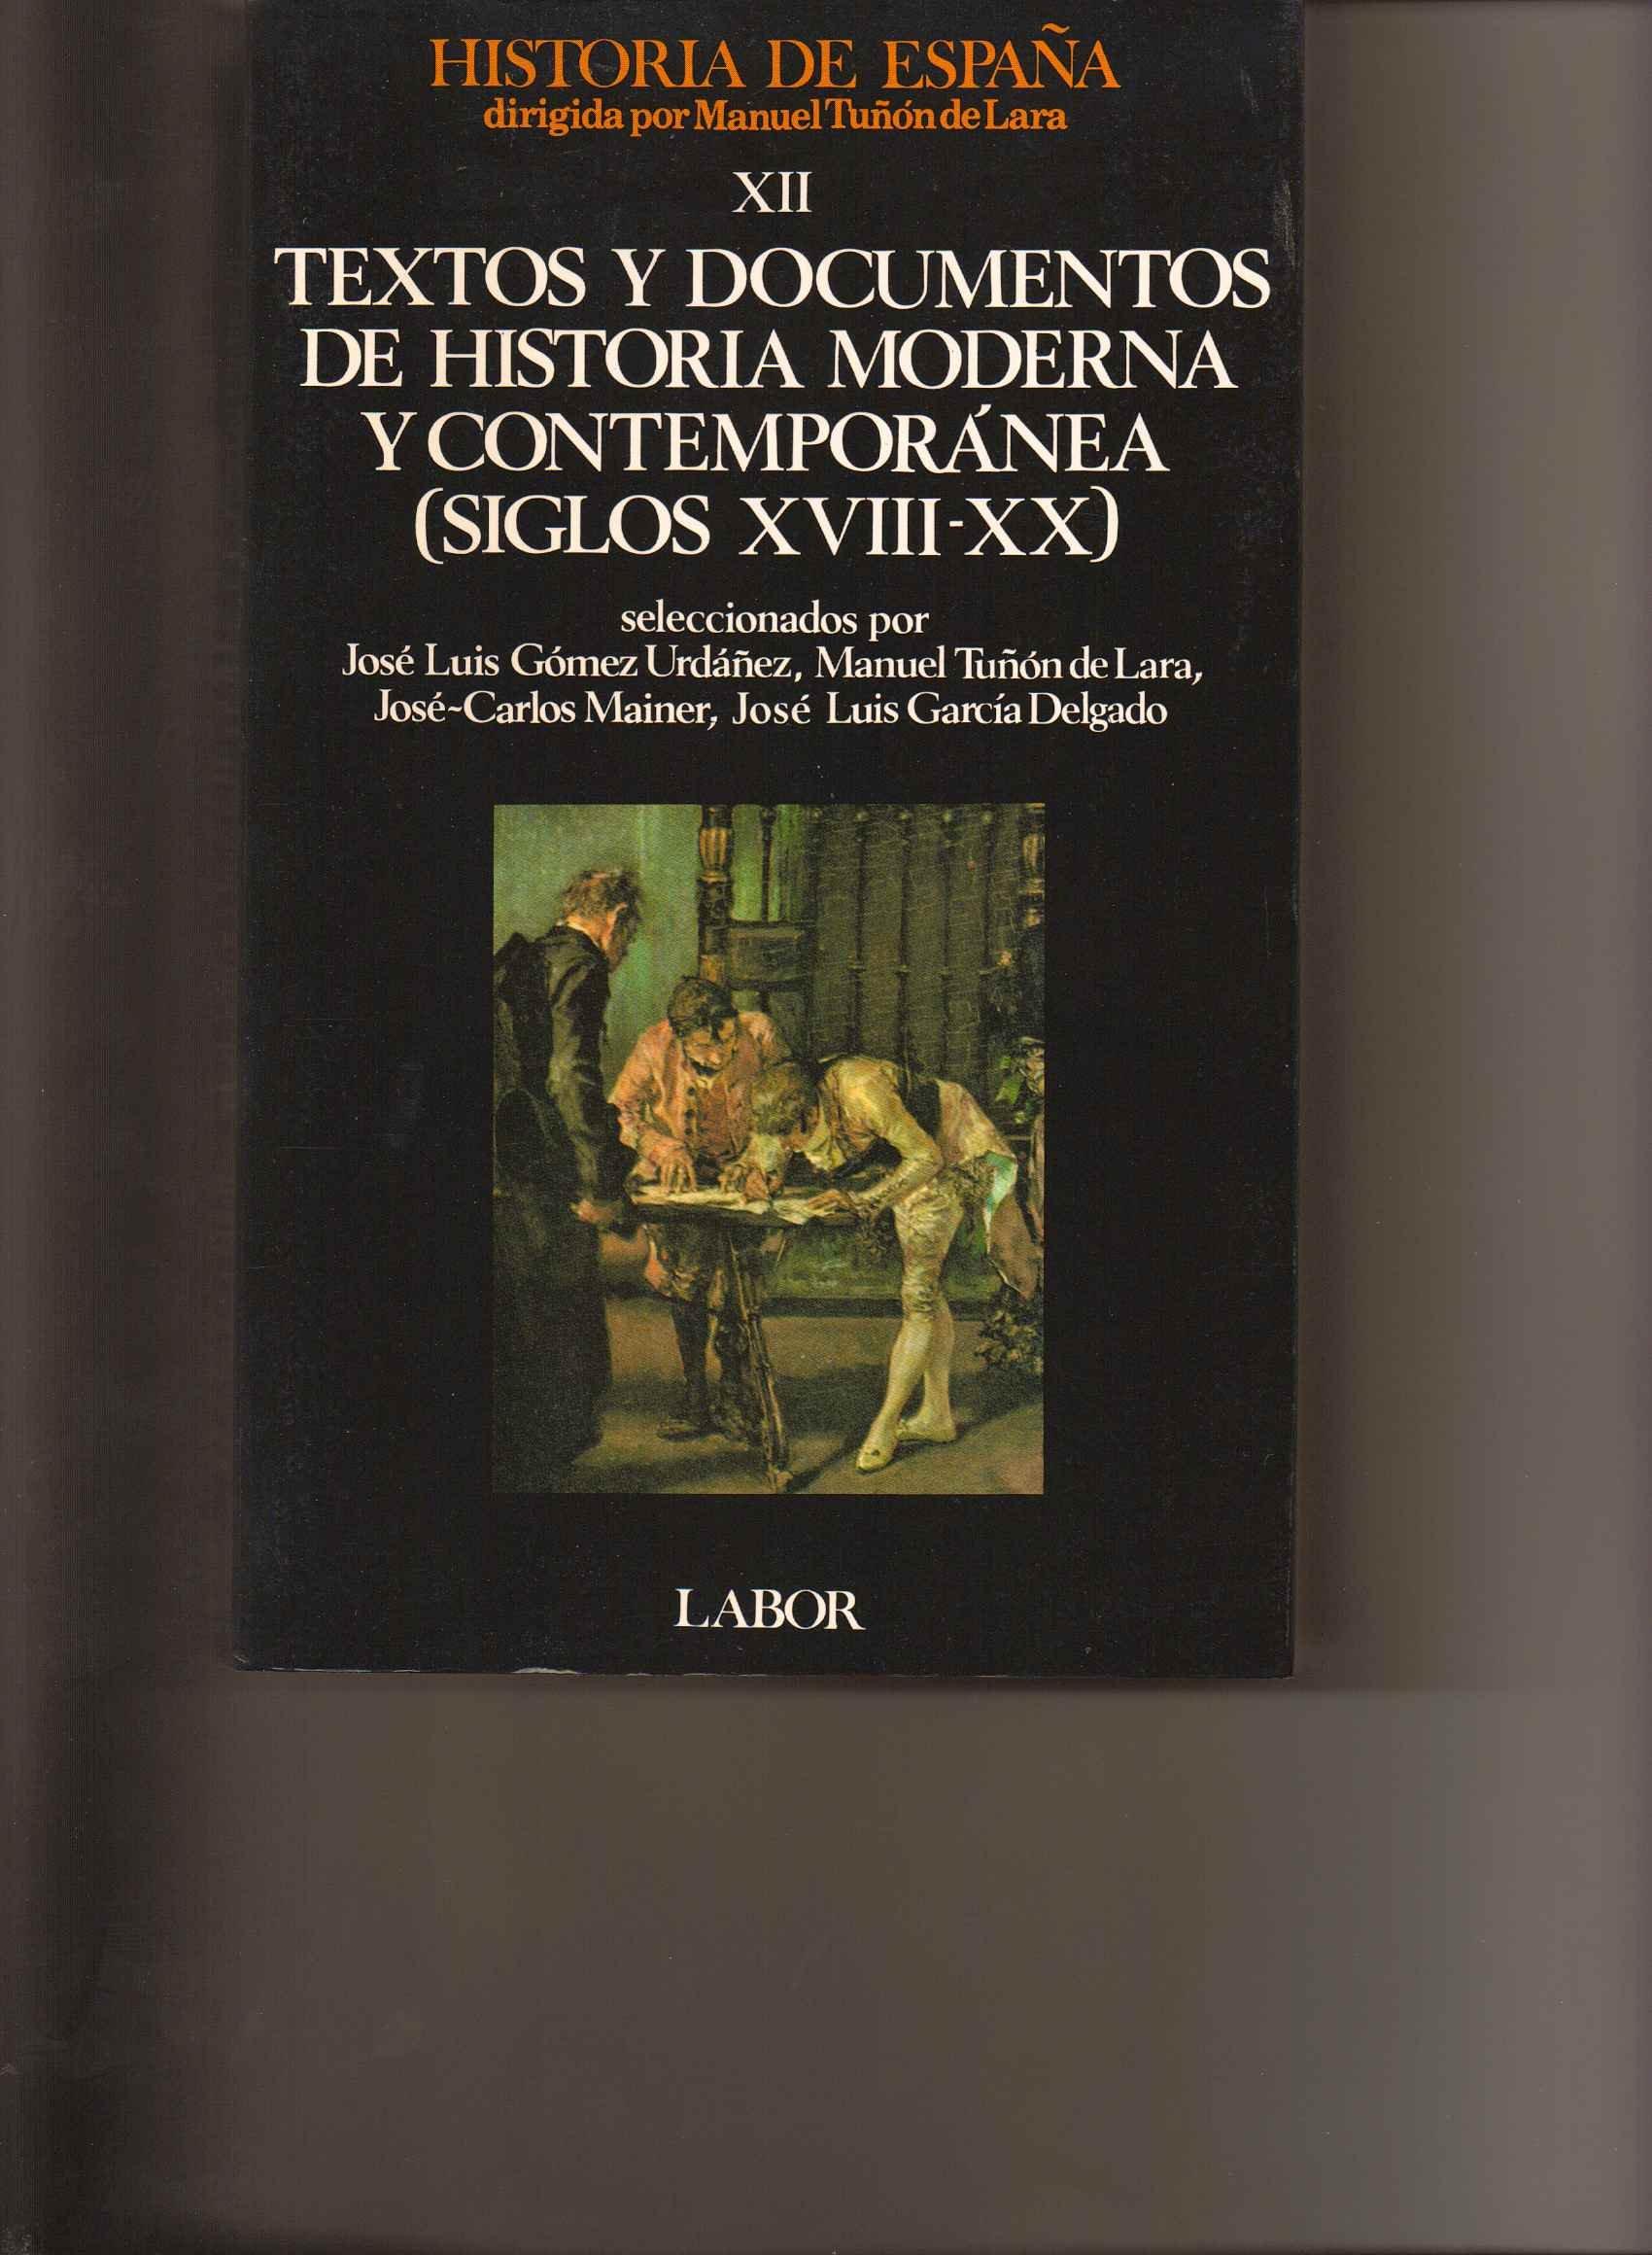 Textos y documentos historia moderna y contemp. XVIII-XX . vol. XII: Amazon.es: Tuñon De Lara,Manuel: Libros